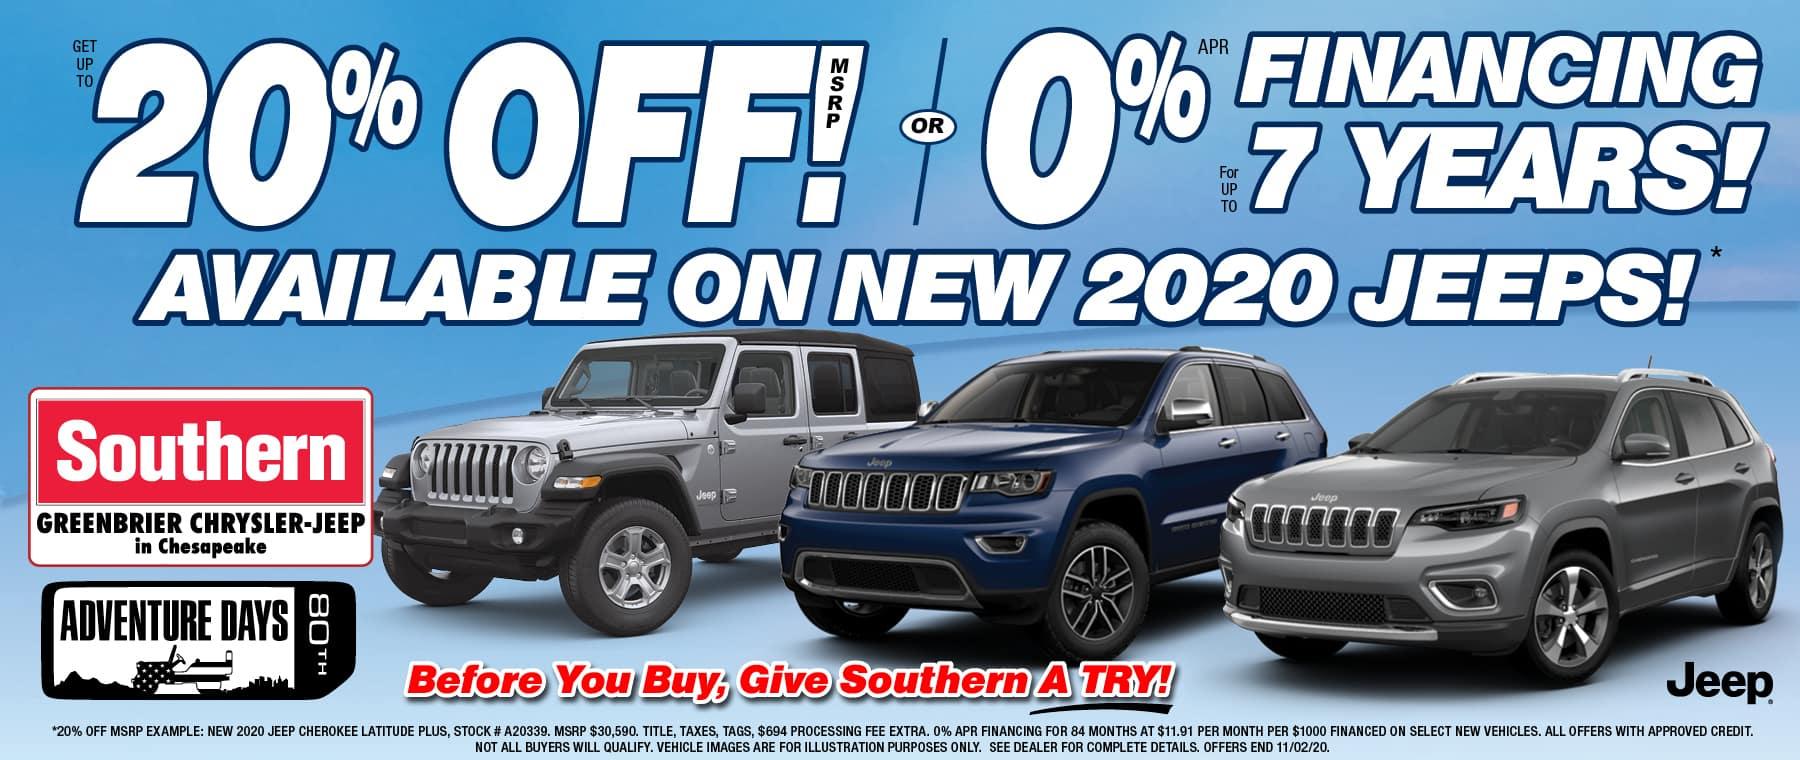 Southern Jeep Chesapeake 0% – Oct 2020